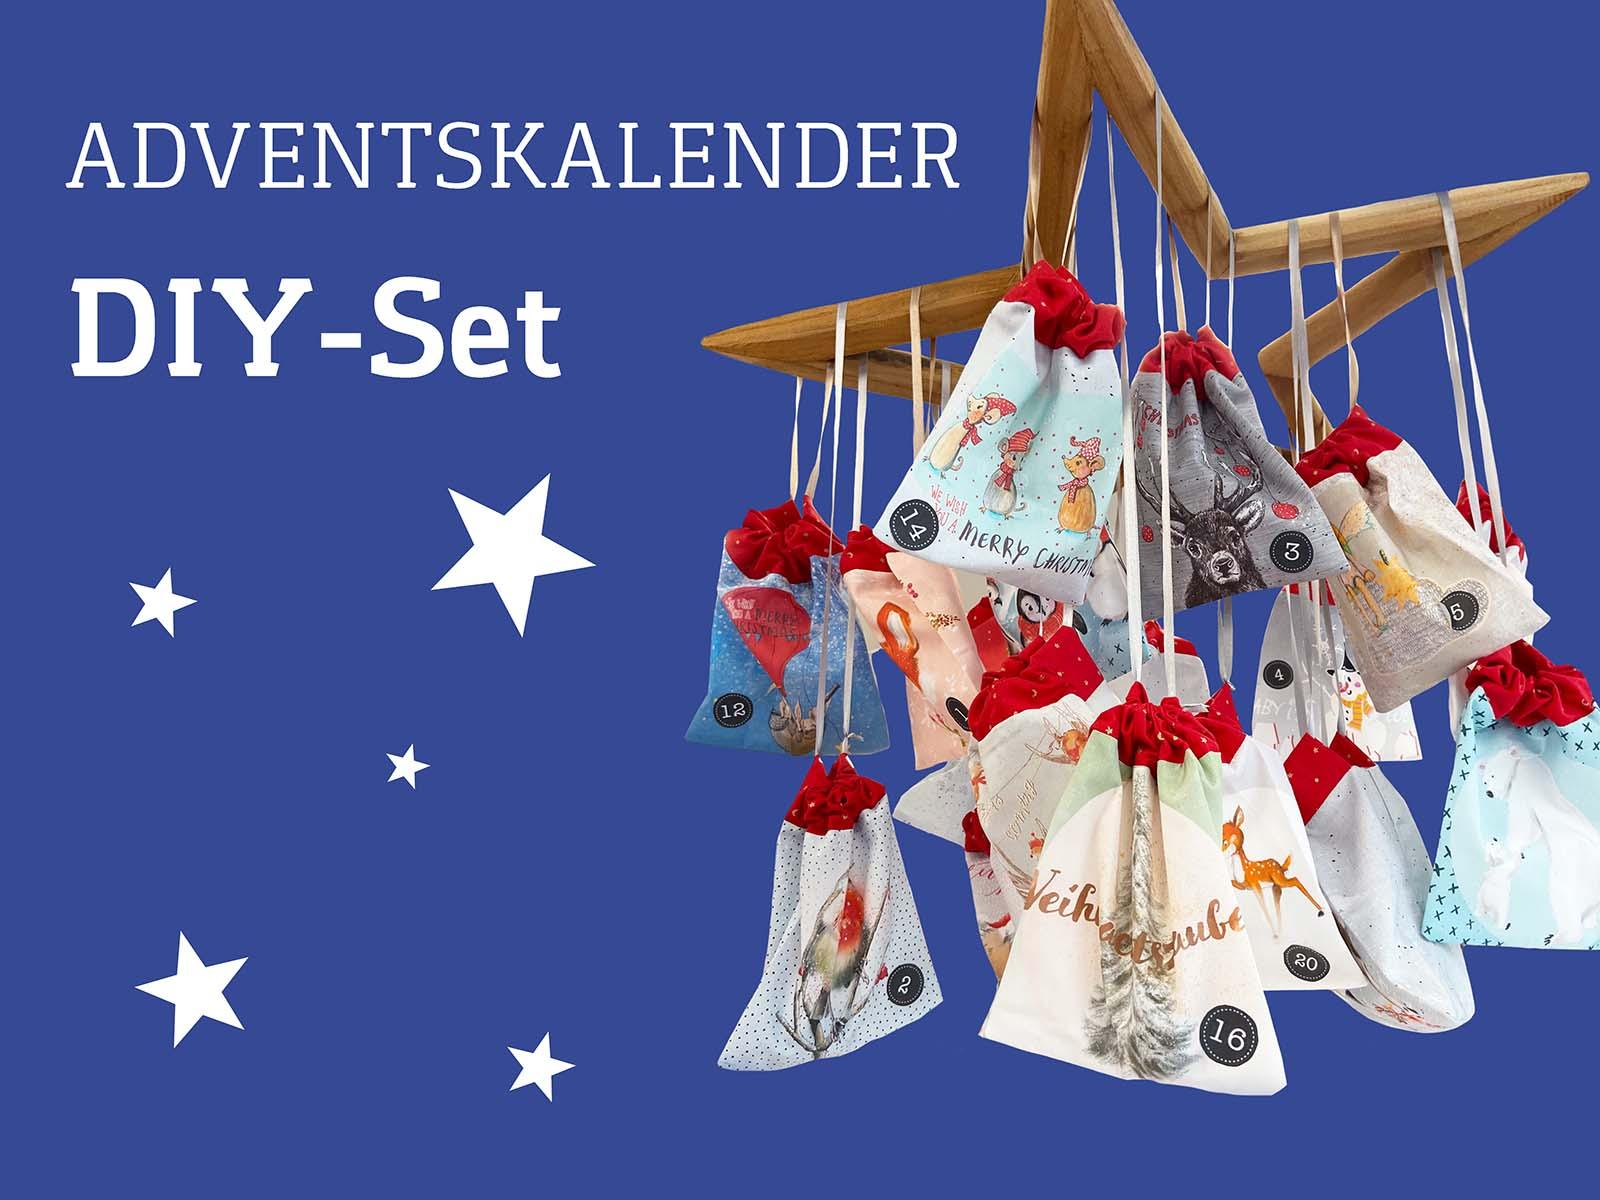 Adventskalender DIY-Set